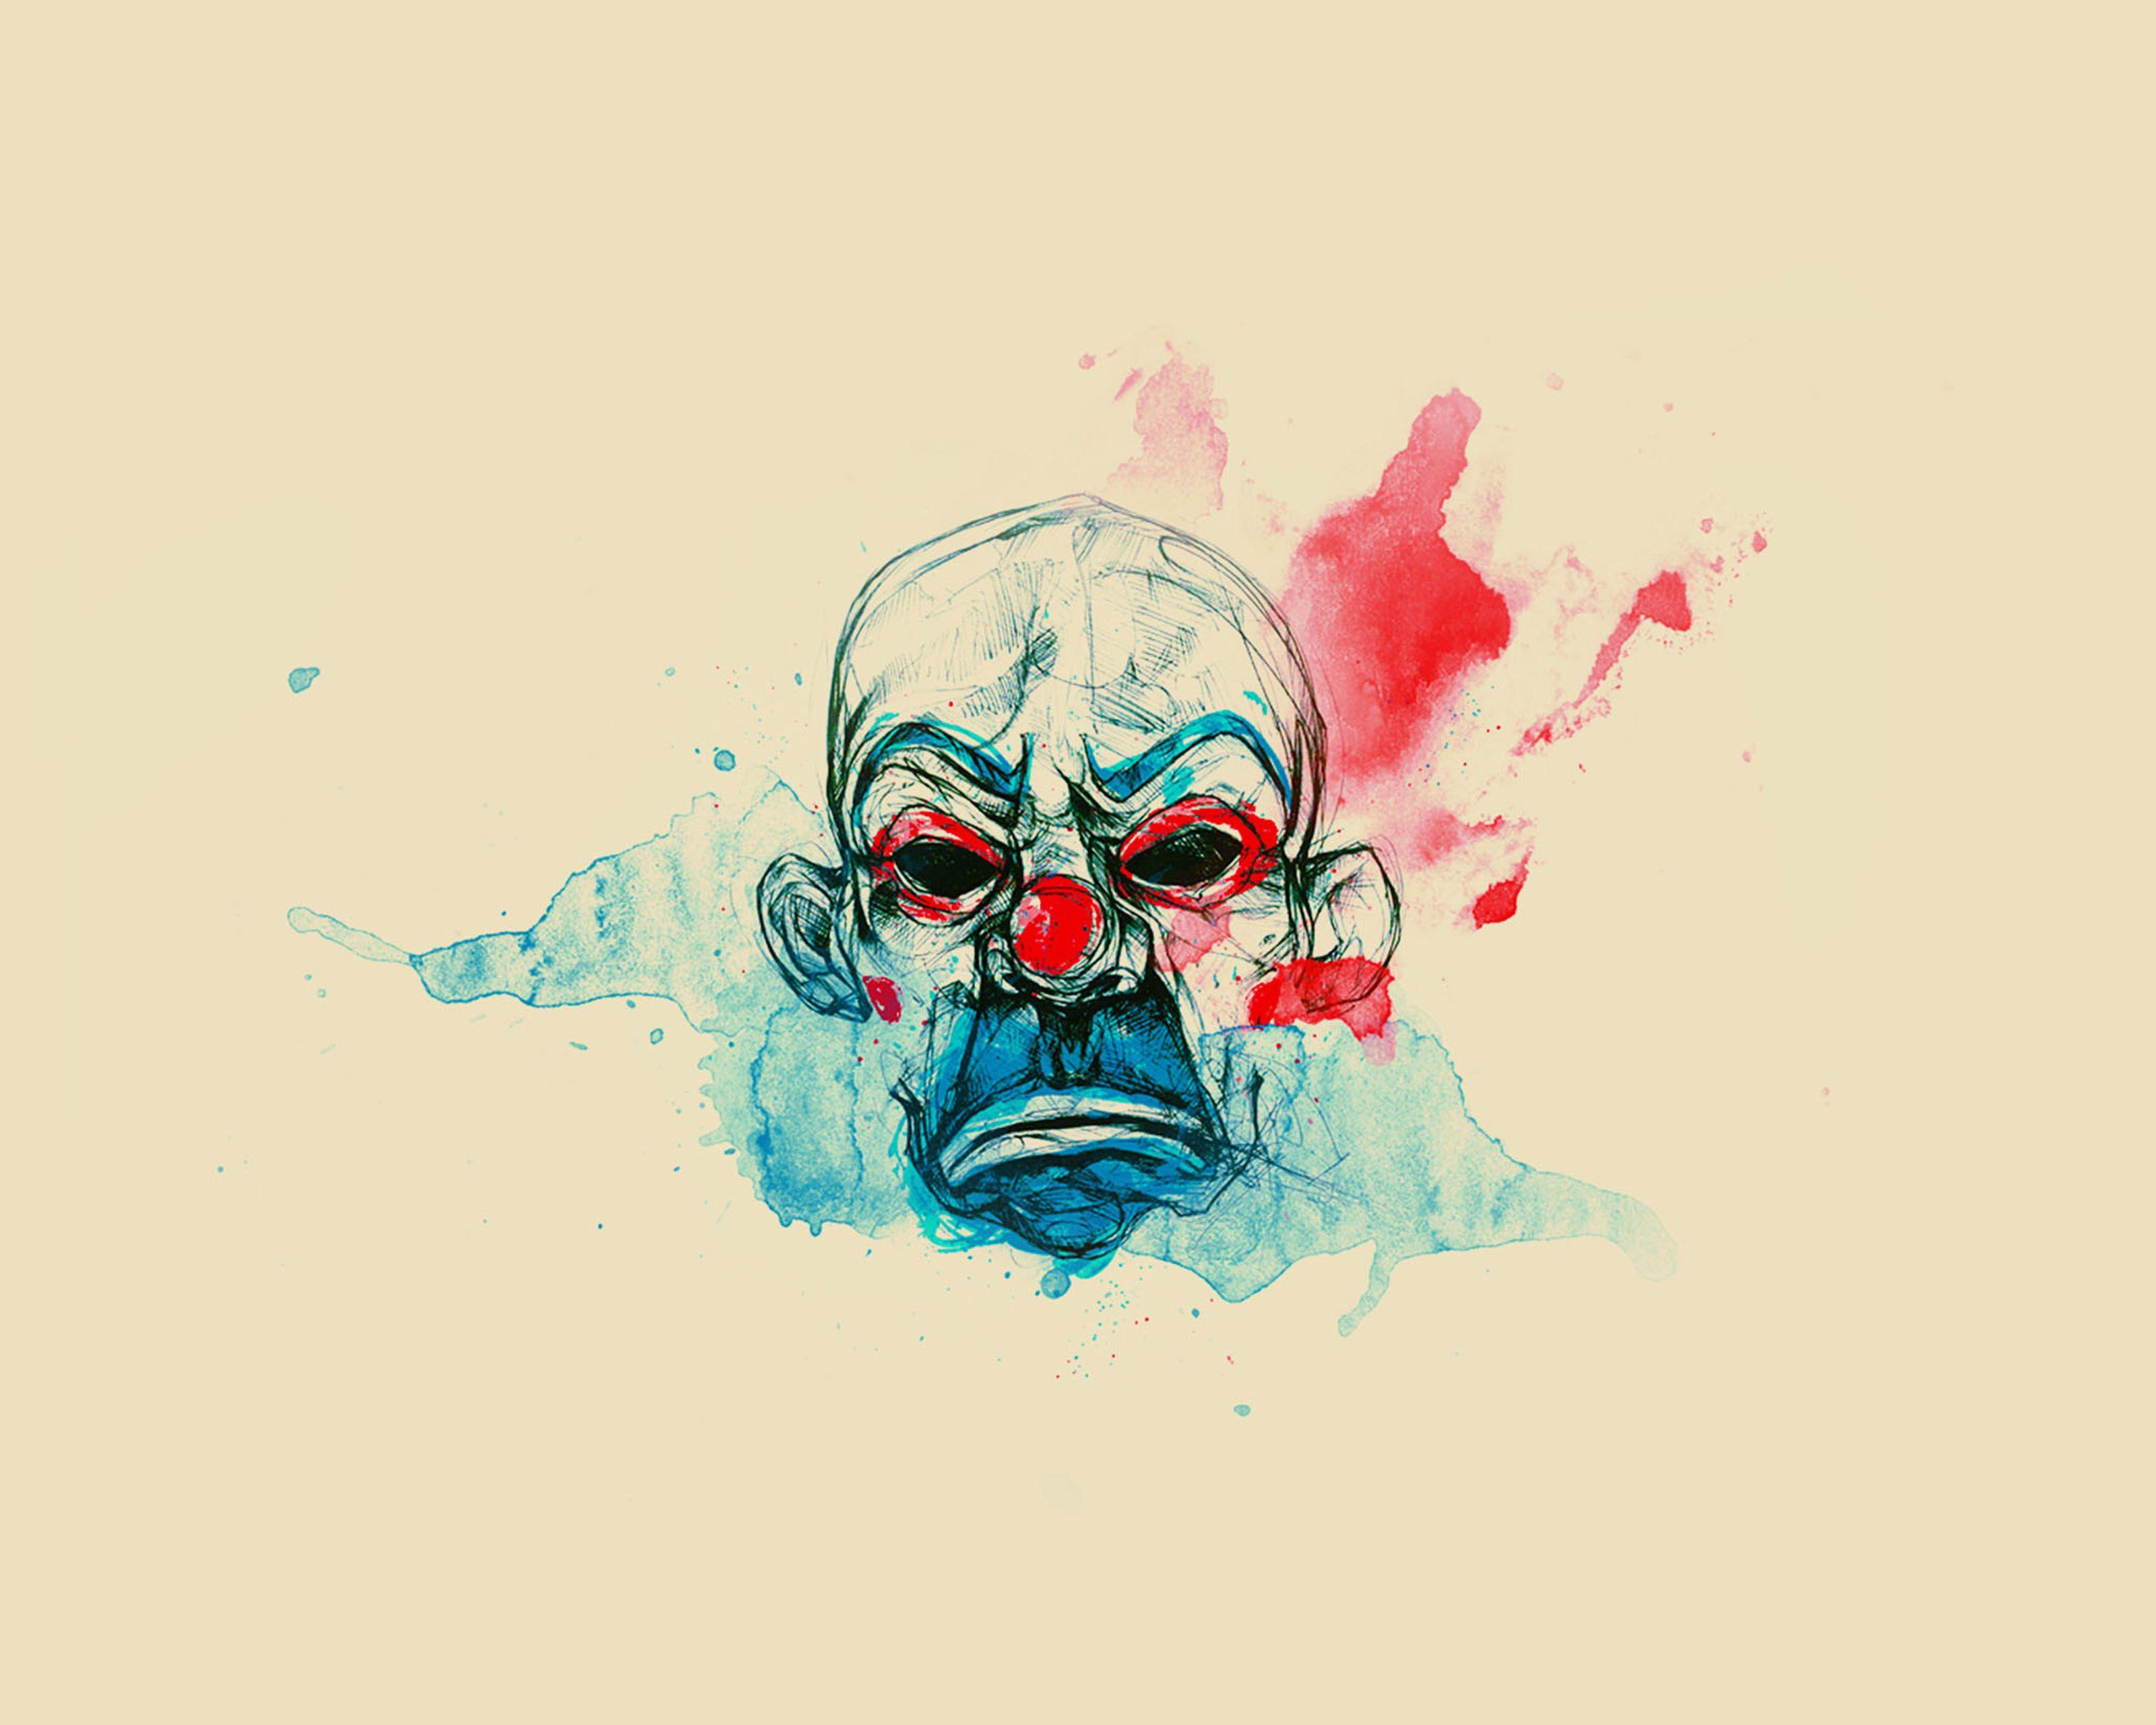 splatter clown paint art android wallpaper mobile9